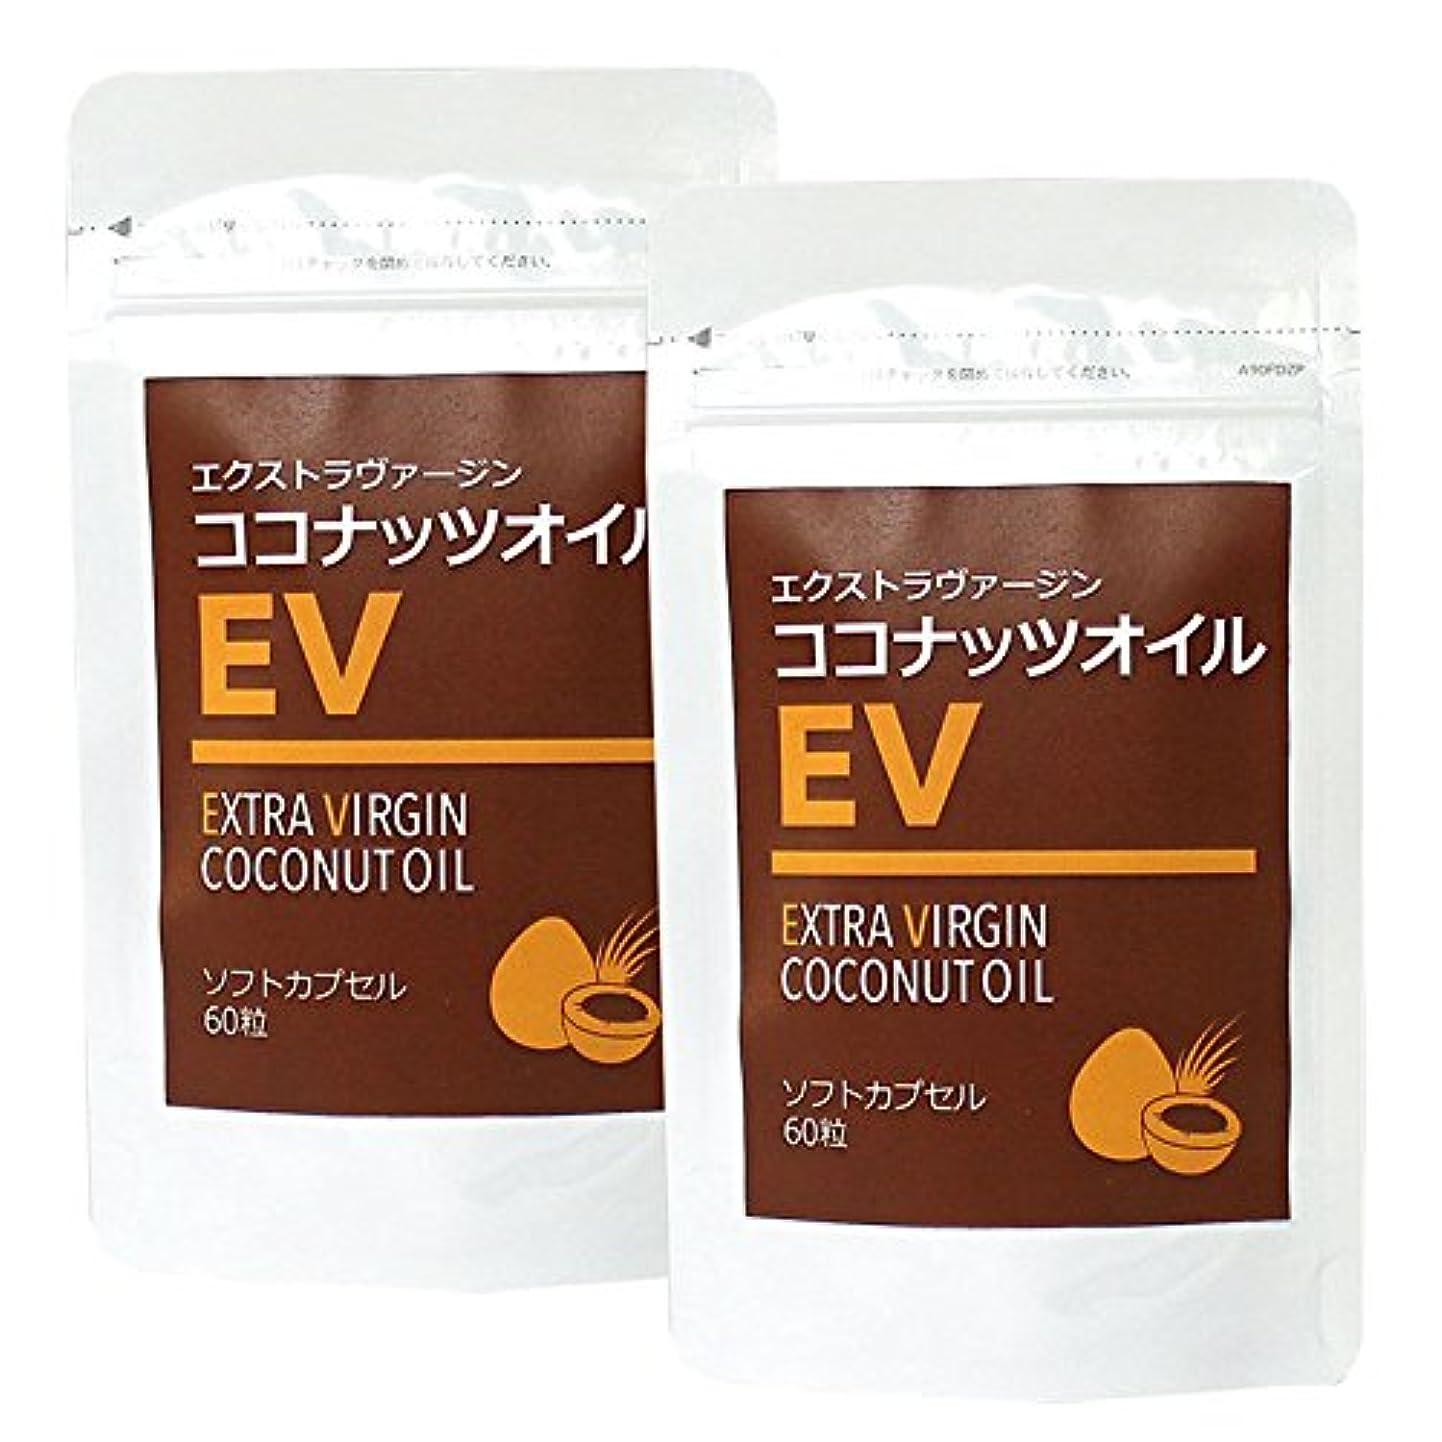 判読できないブリリアント遠洋のココナッツオイルEV 2袋セット